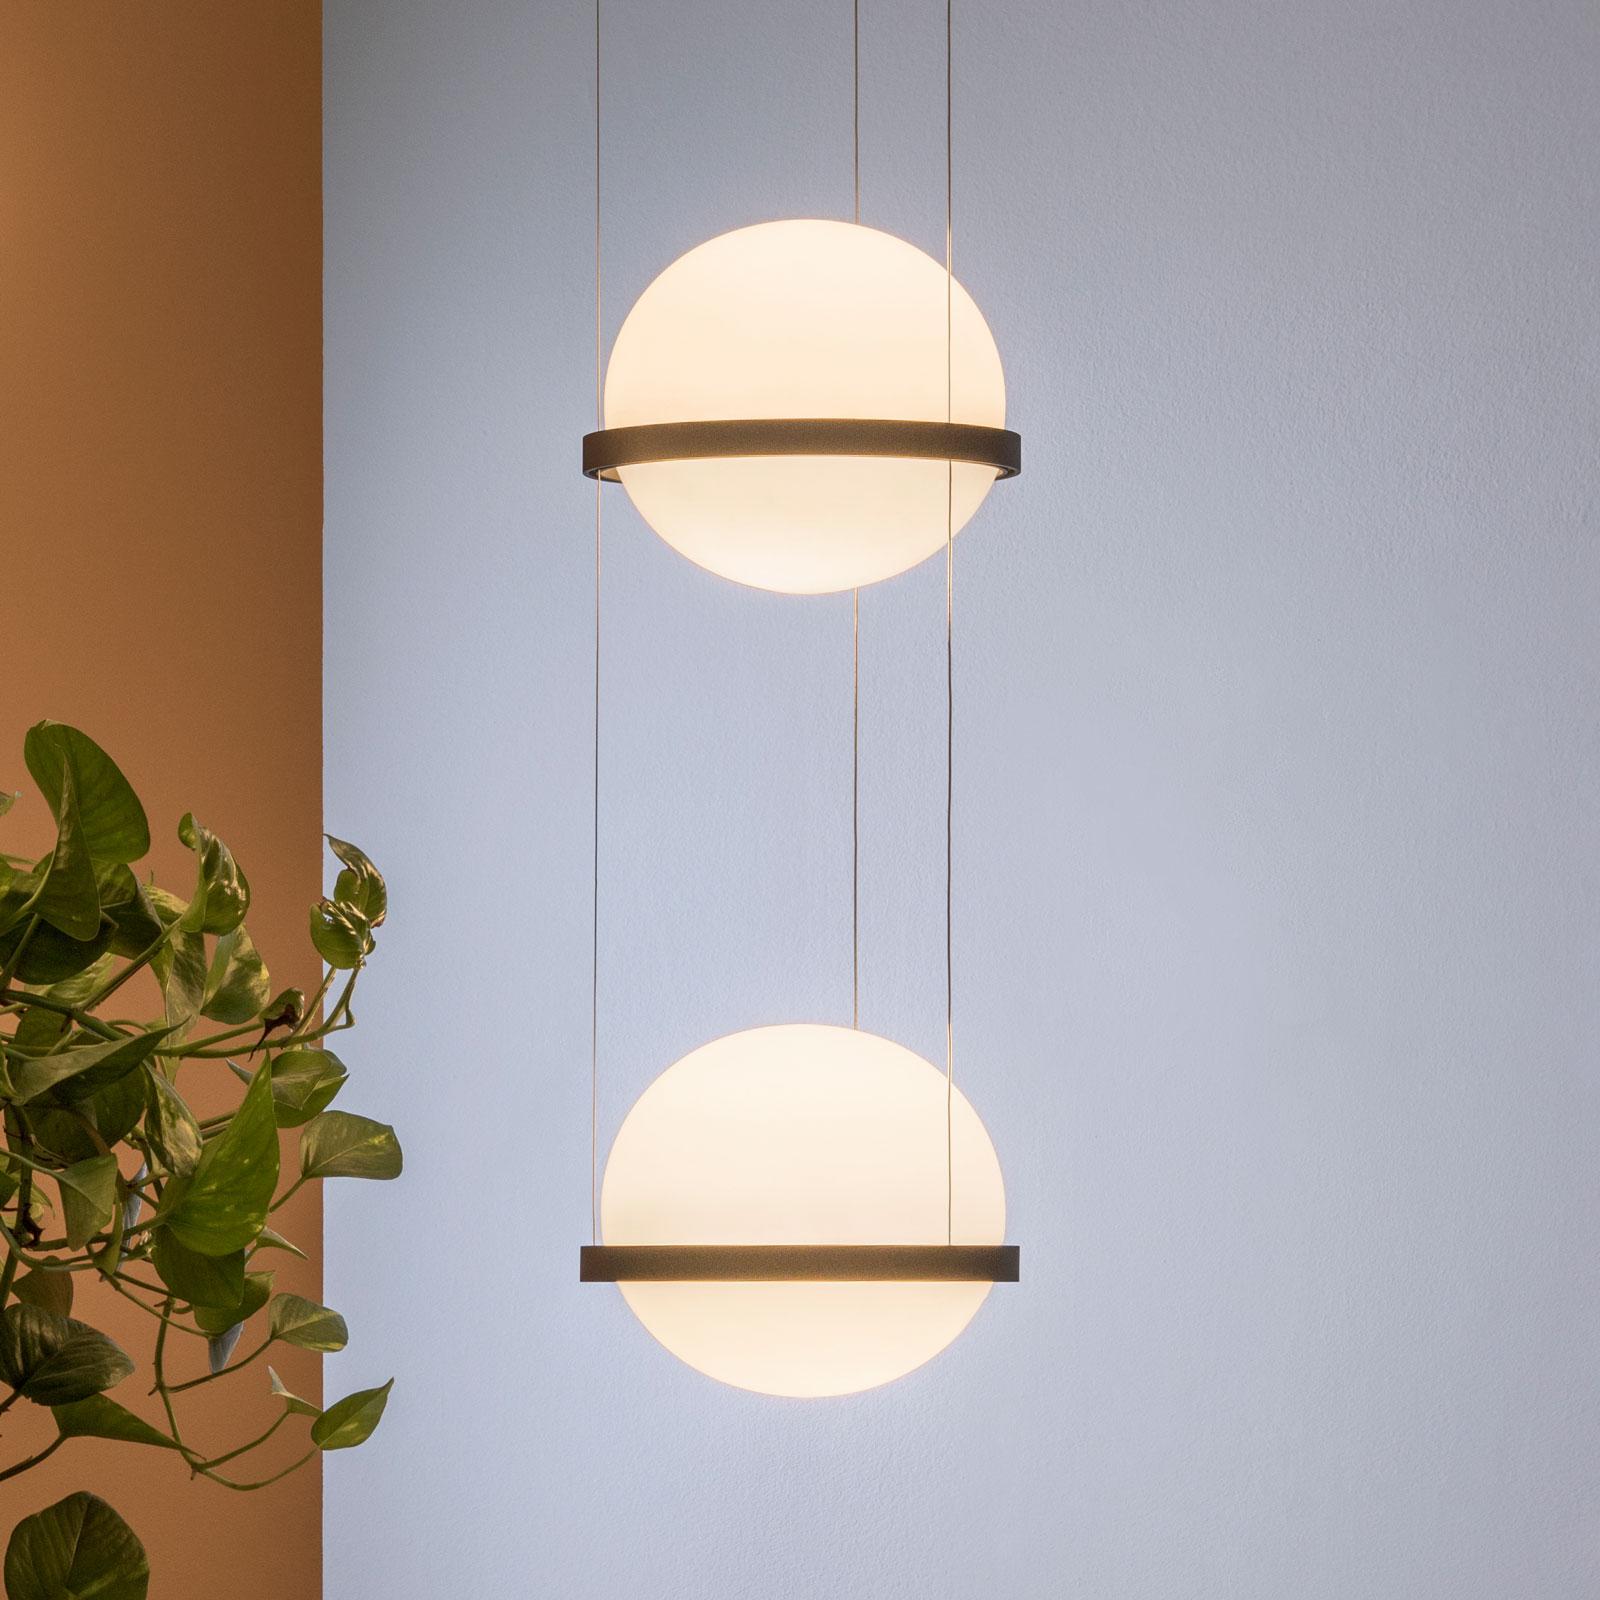 Vibia Palma 3726 LED-riippuvalo 2-lamp., grafiitti